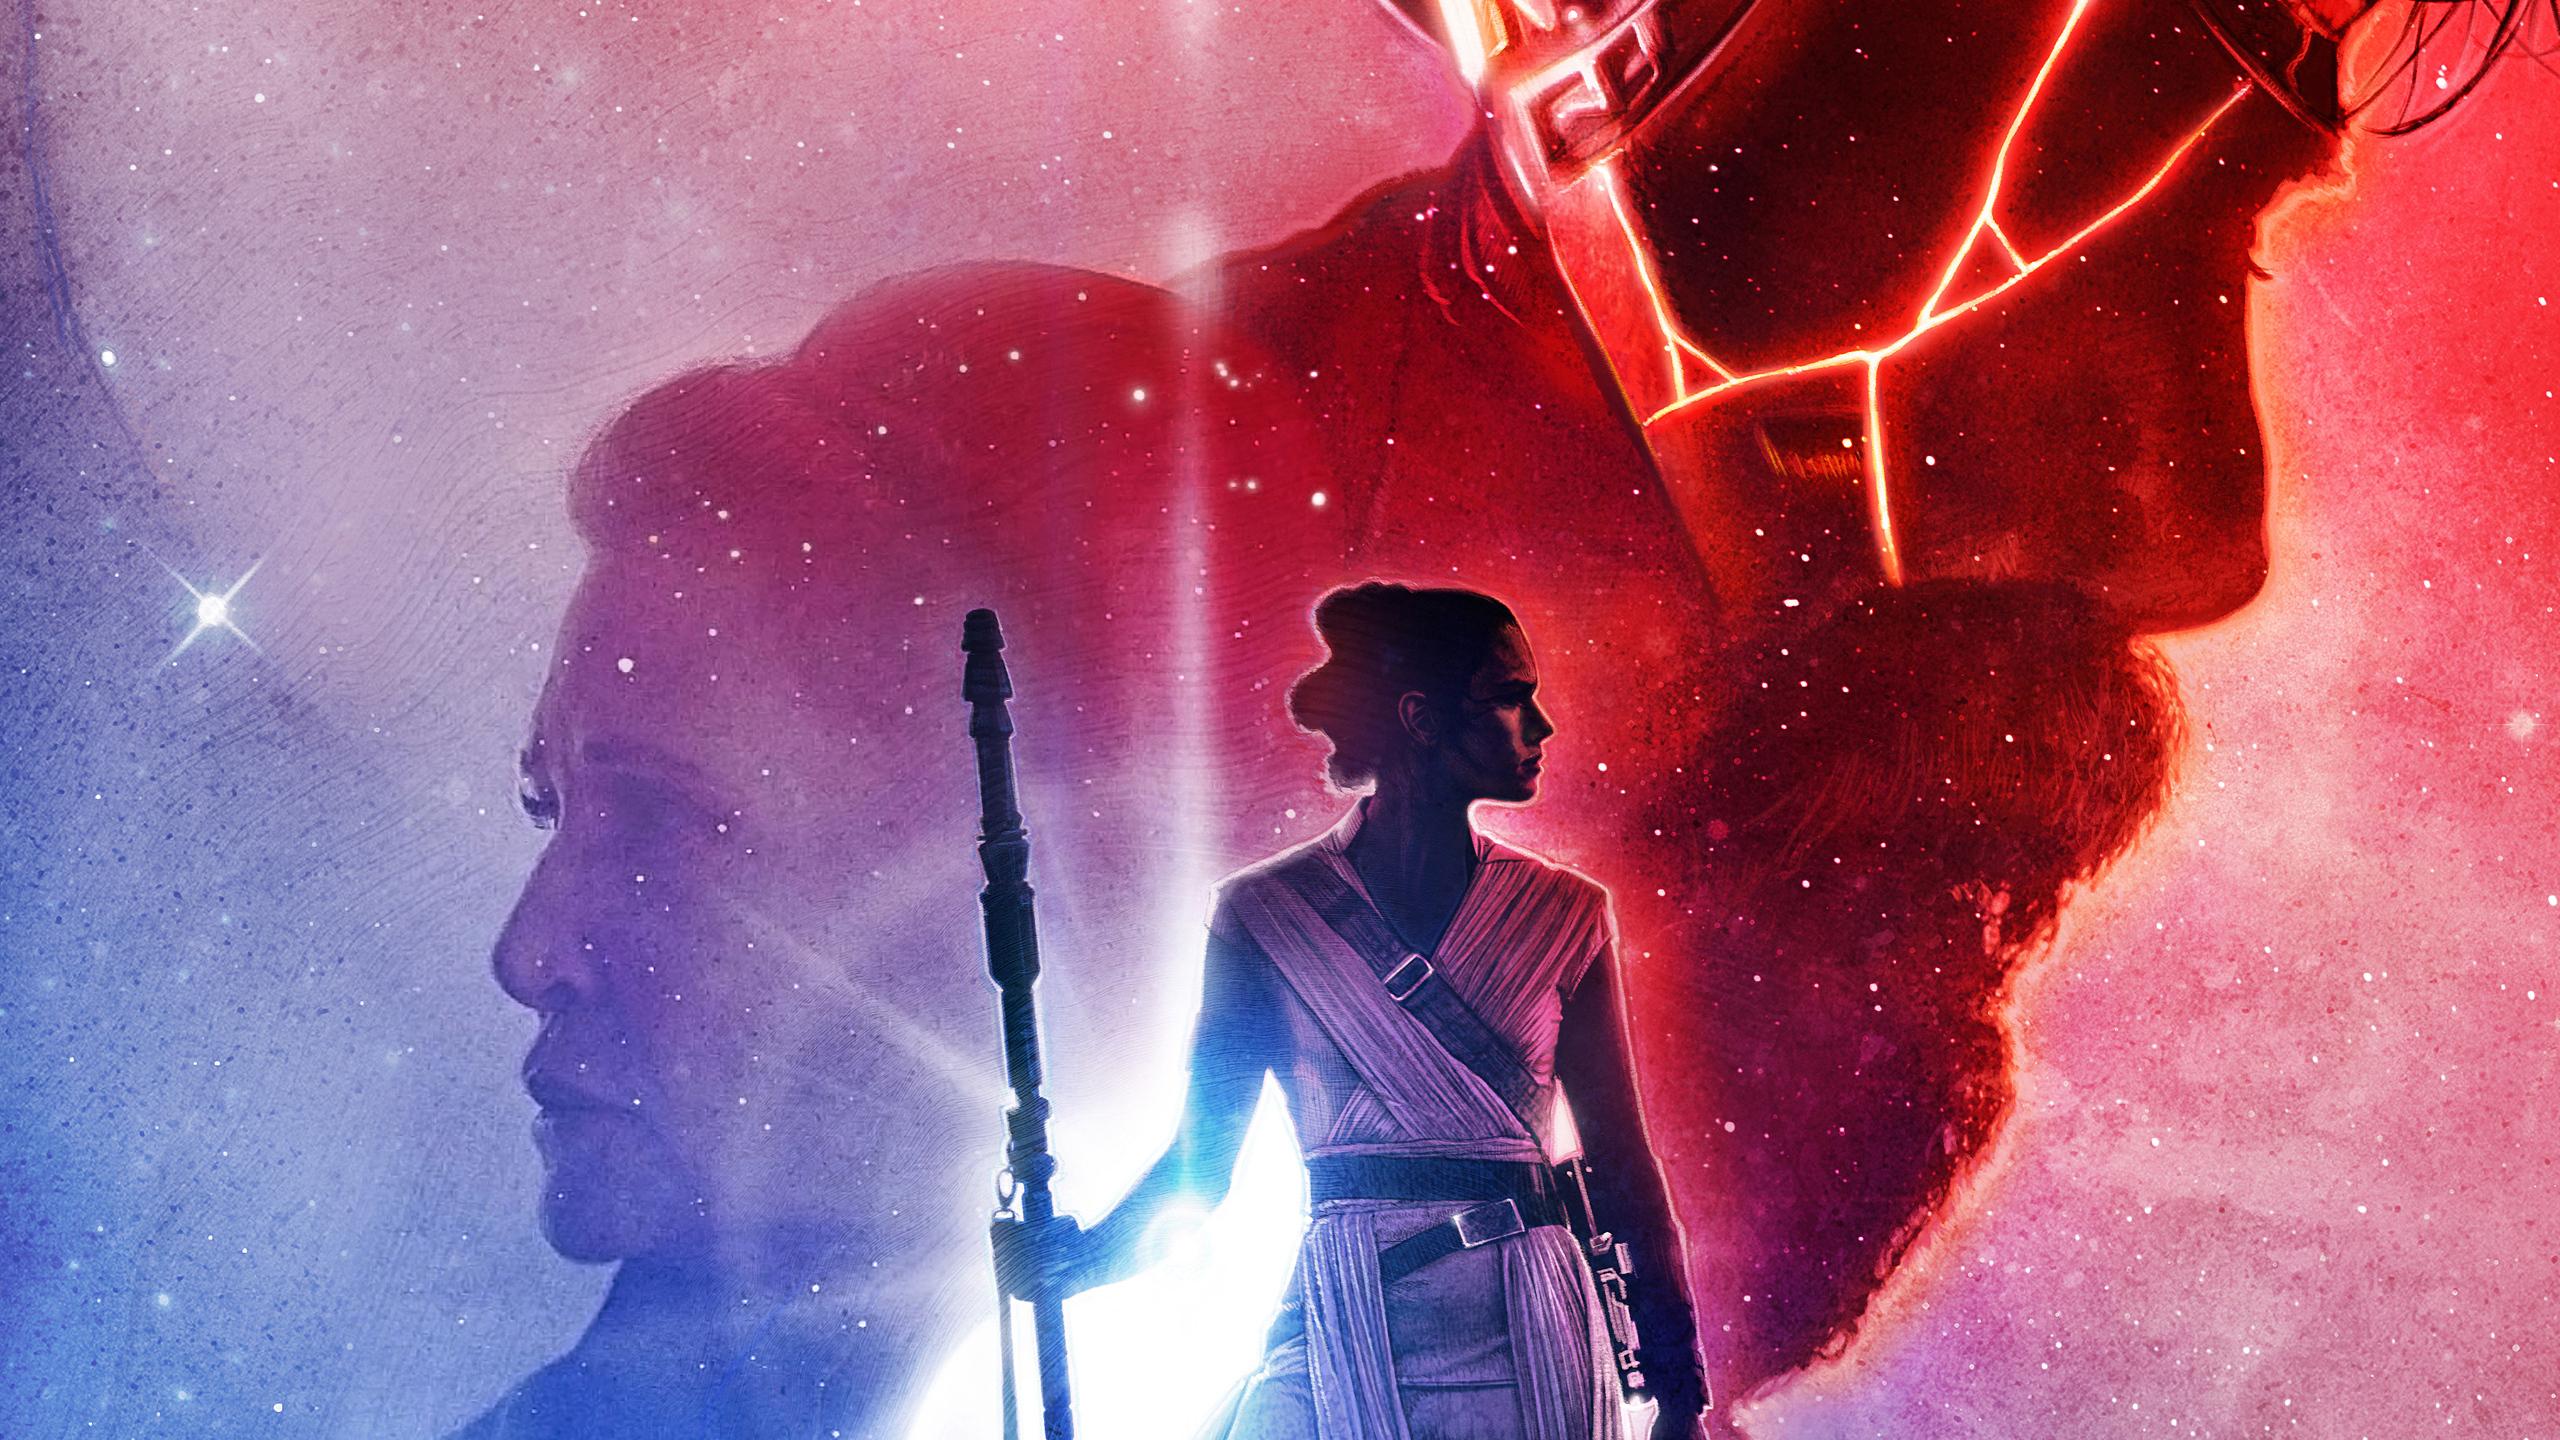 star wars the last jedi art 5k c0